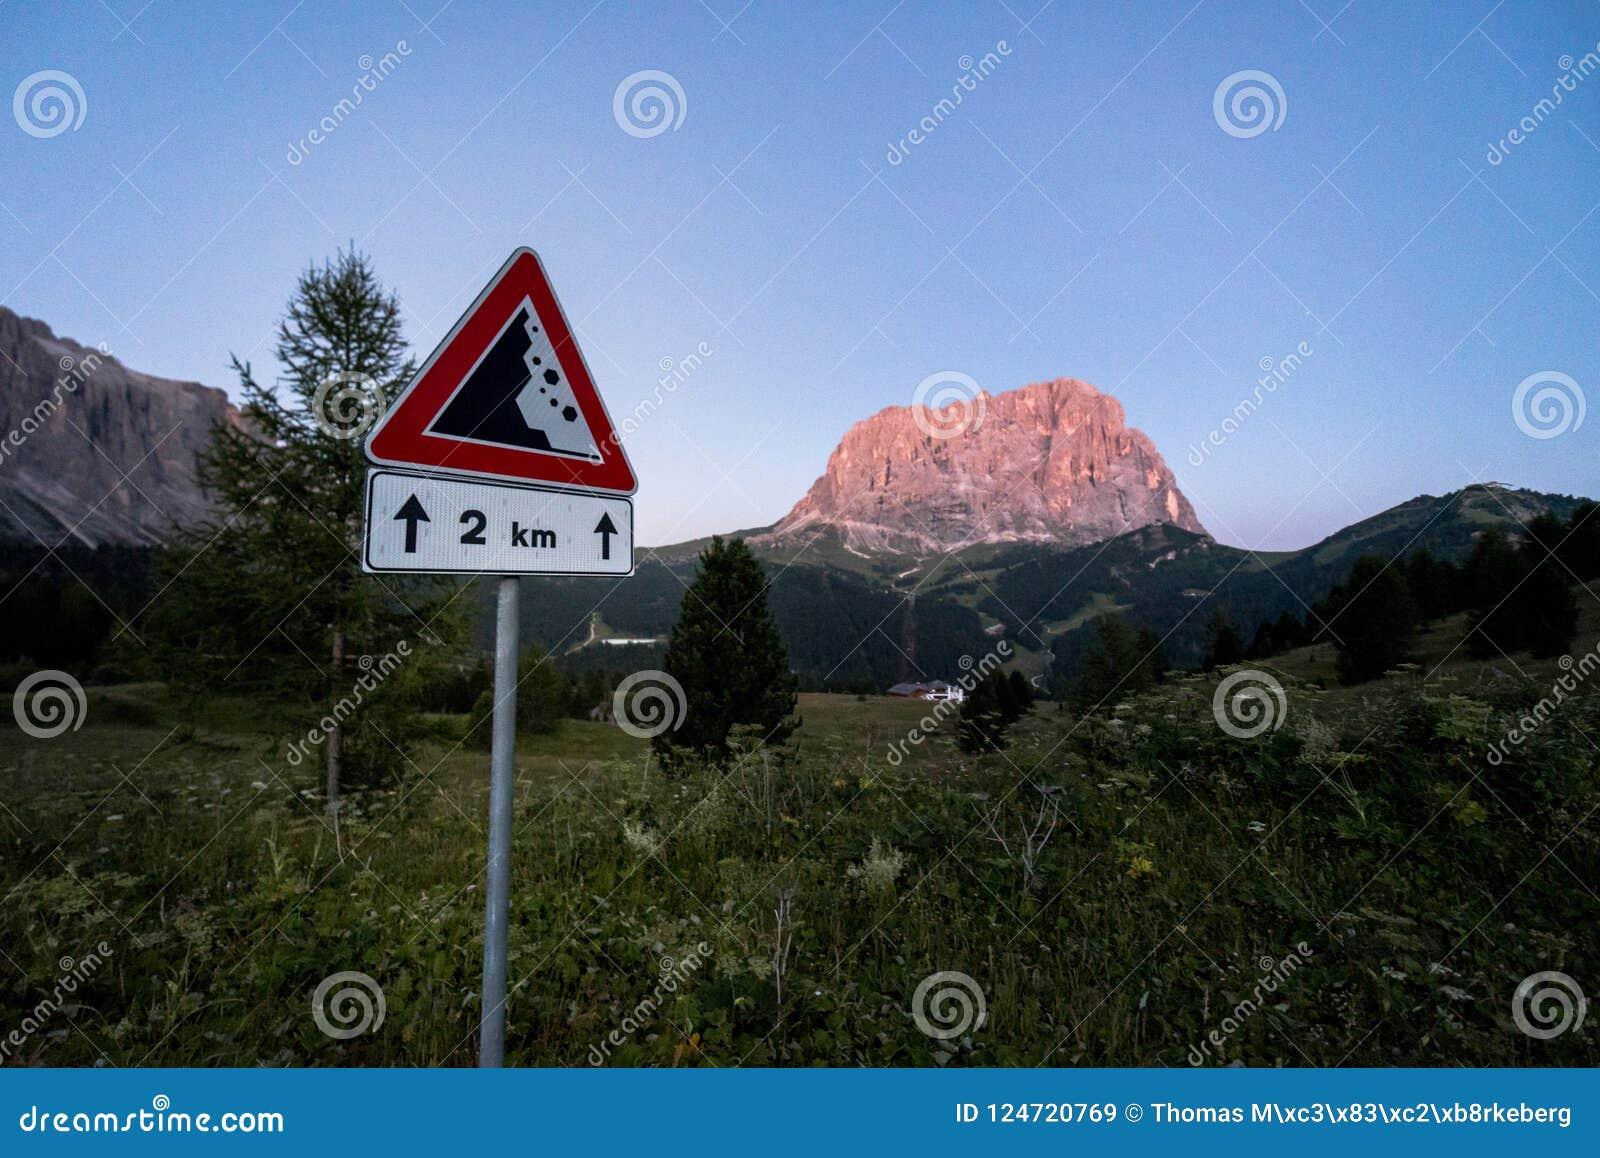 Vista de Sassolungo con una señal de tráfico en el forground